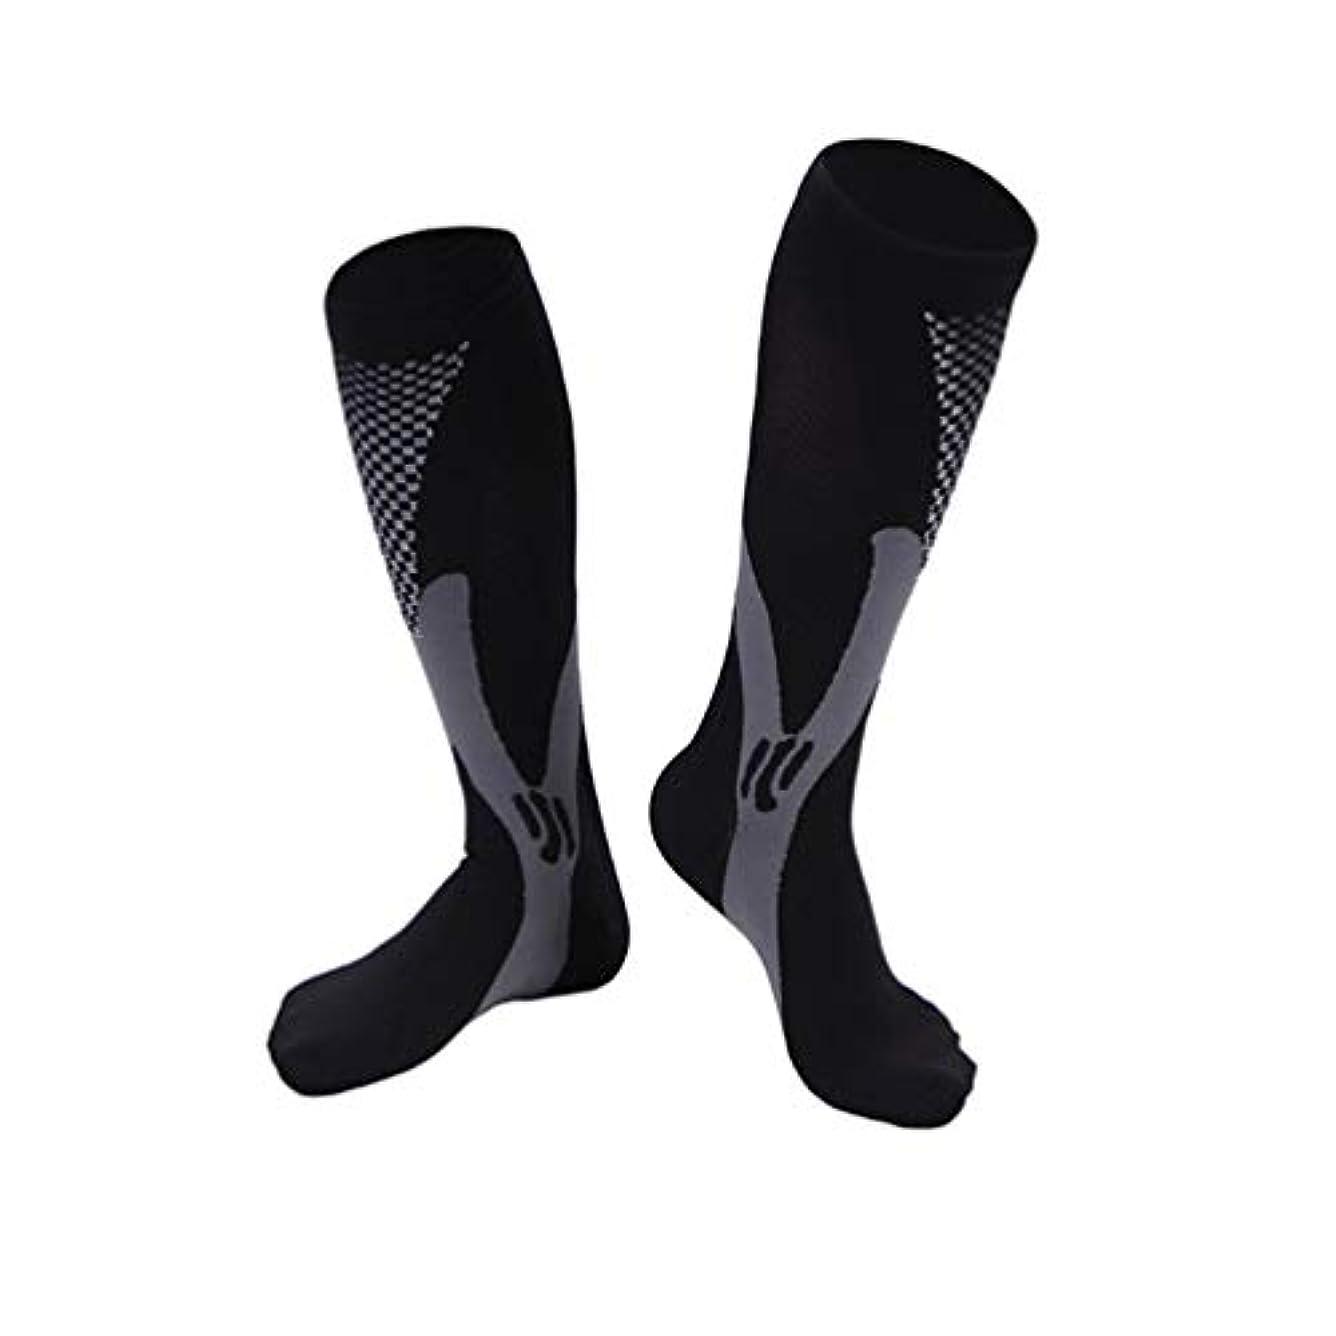 チーフ慢なに勝る快適な男性女性ファッションレッグサポートストレッチ圧縮ソックス下膝ソックスレッグサポートストレッチ通気性ソックス - ブラック2 XL